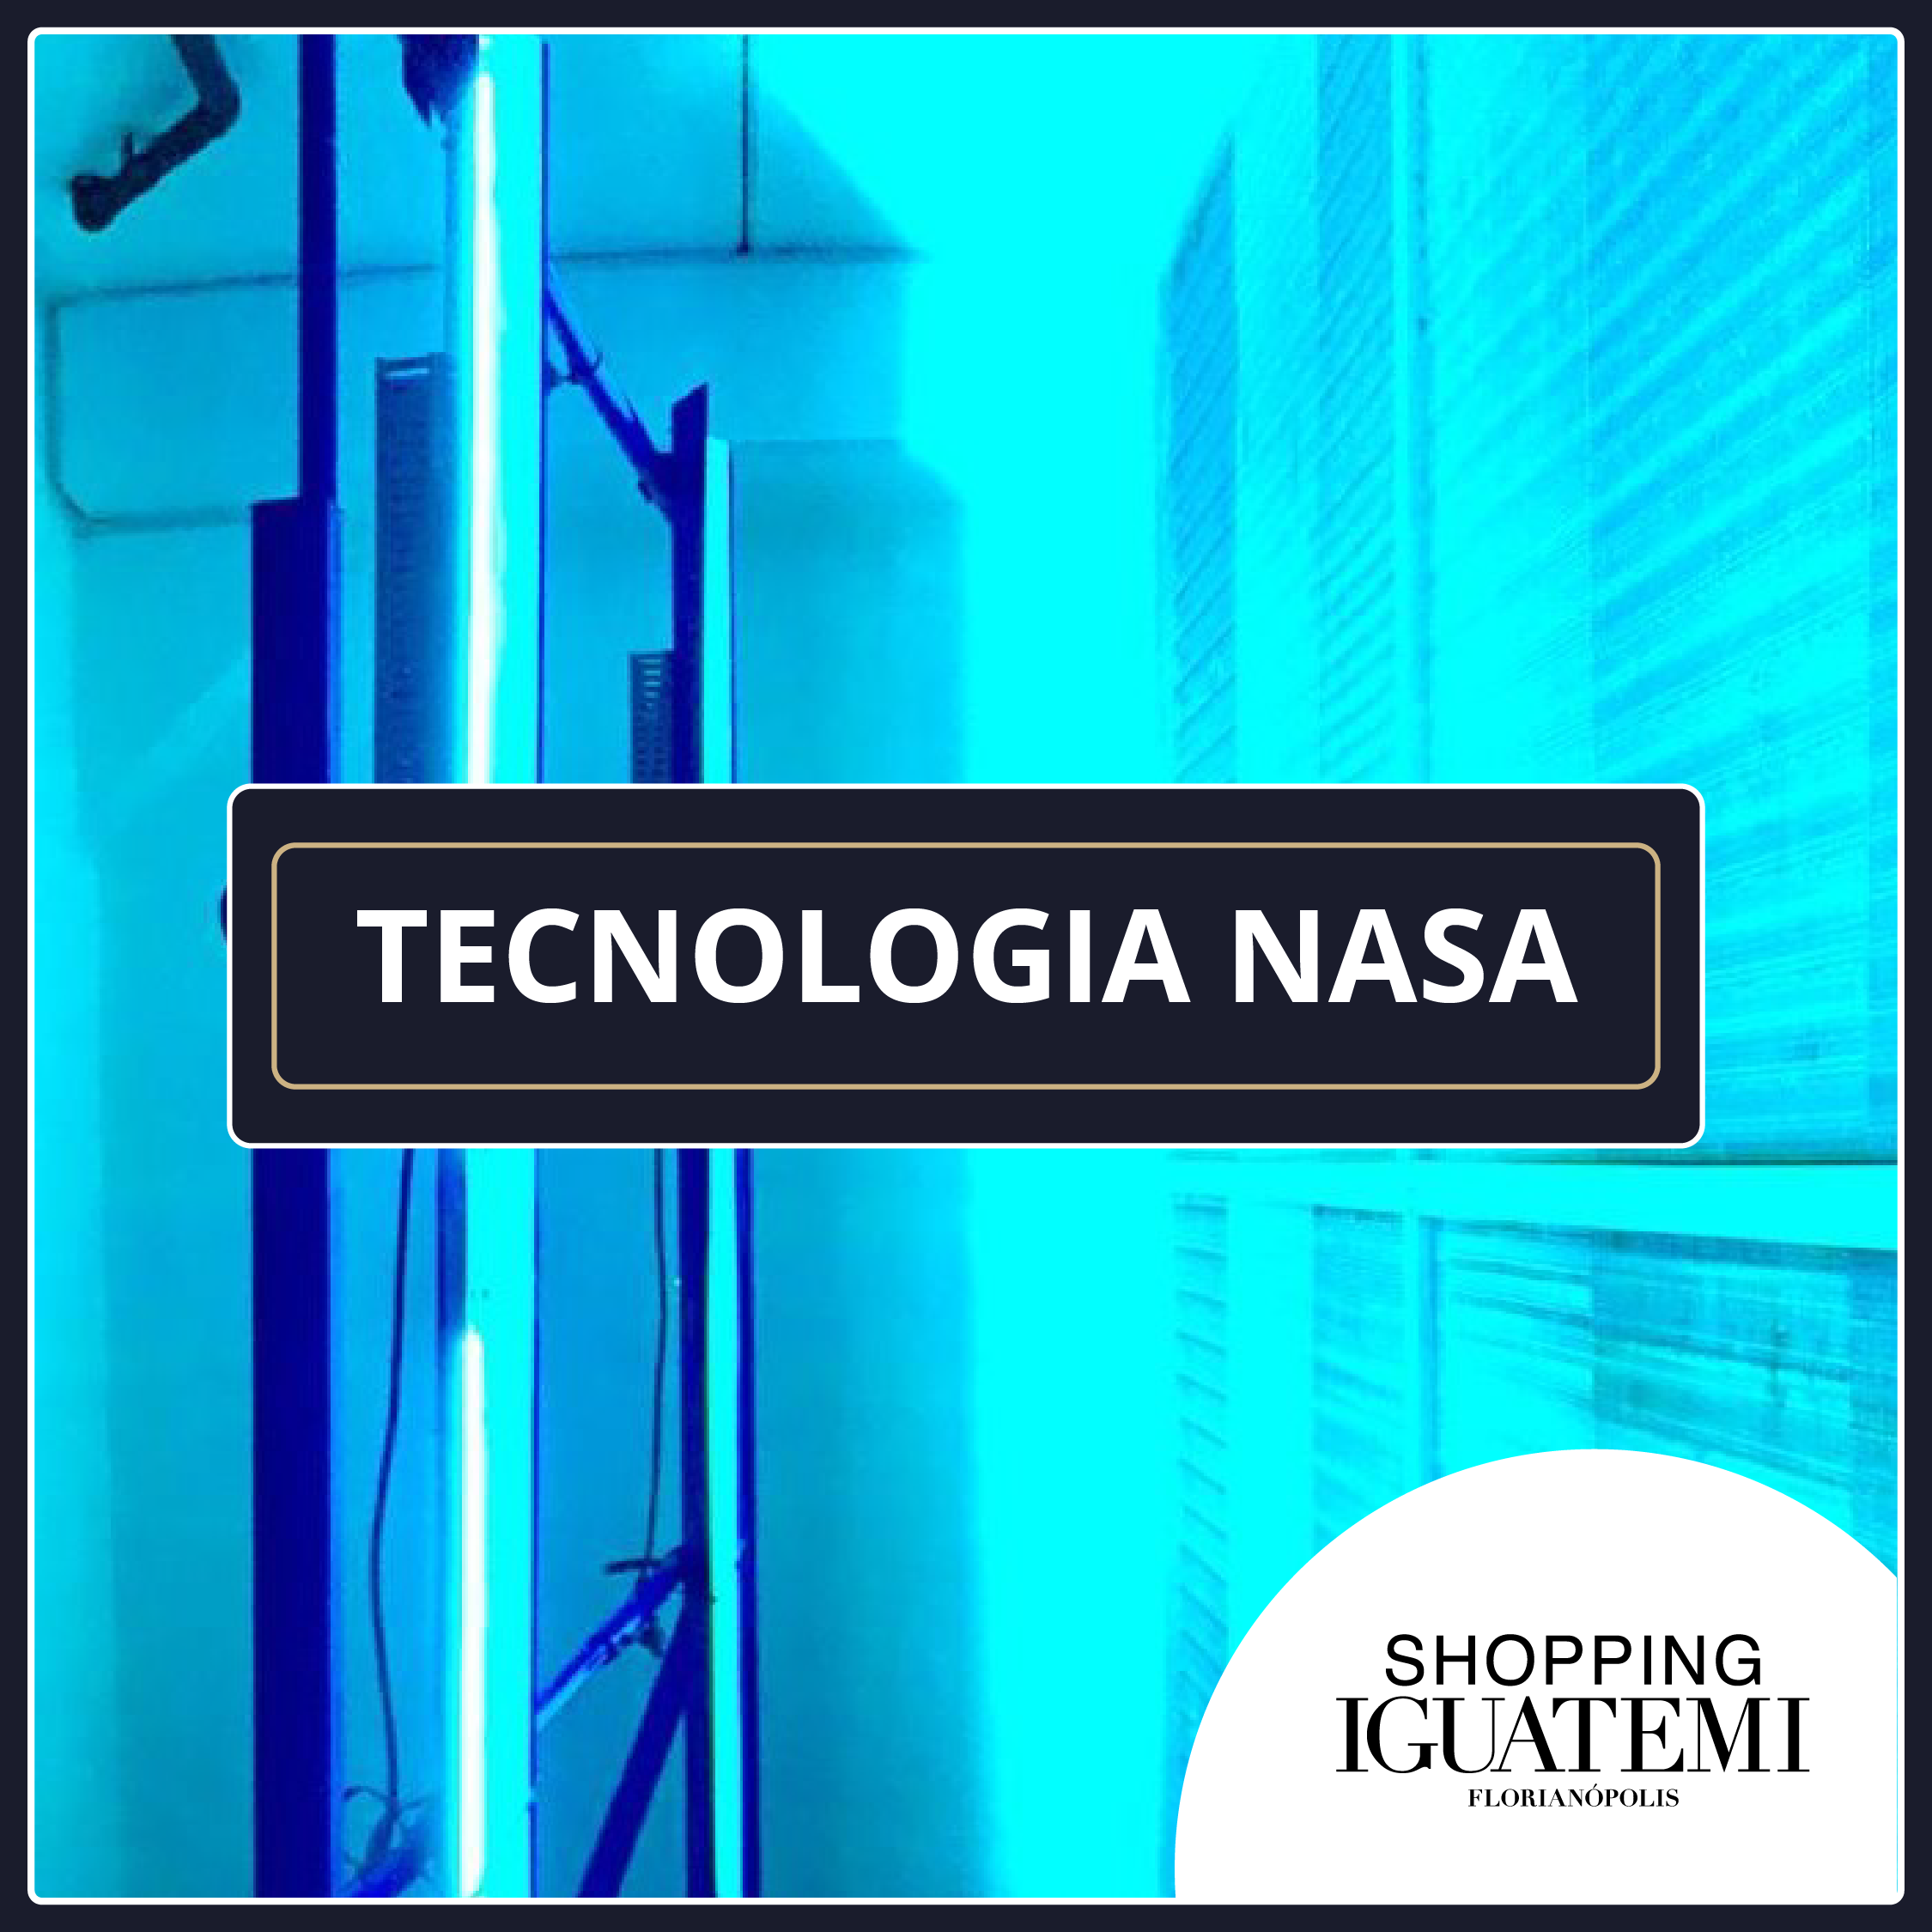 Tecnologia da NASA é utilizada na sanitização do ar no Shopping Iguatemi Florianópolis